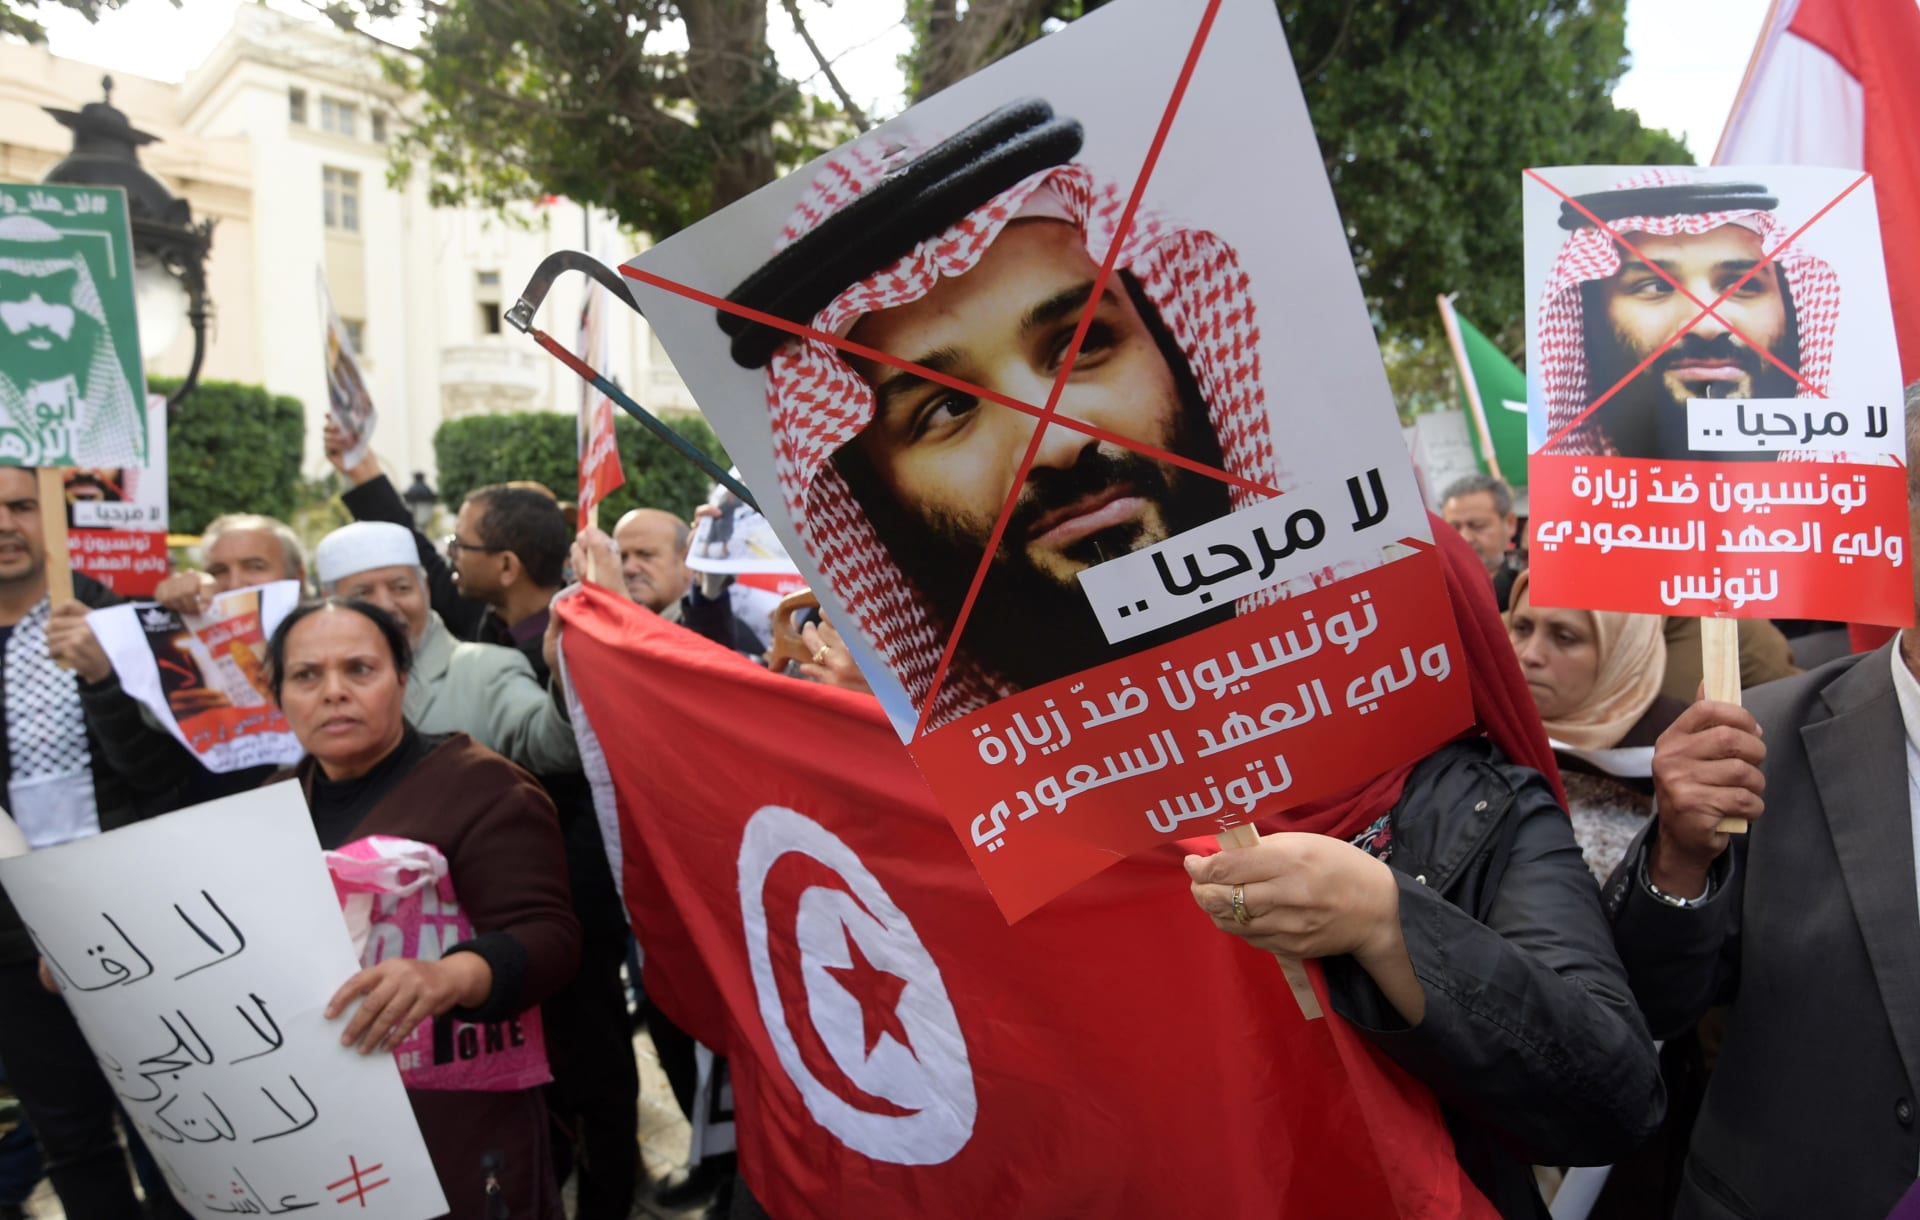 محمد بن سلمان يصل تونس وسط احتجاجات ضد زيارته